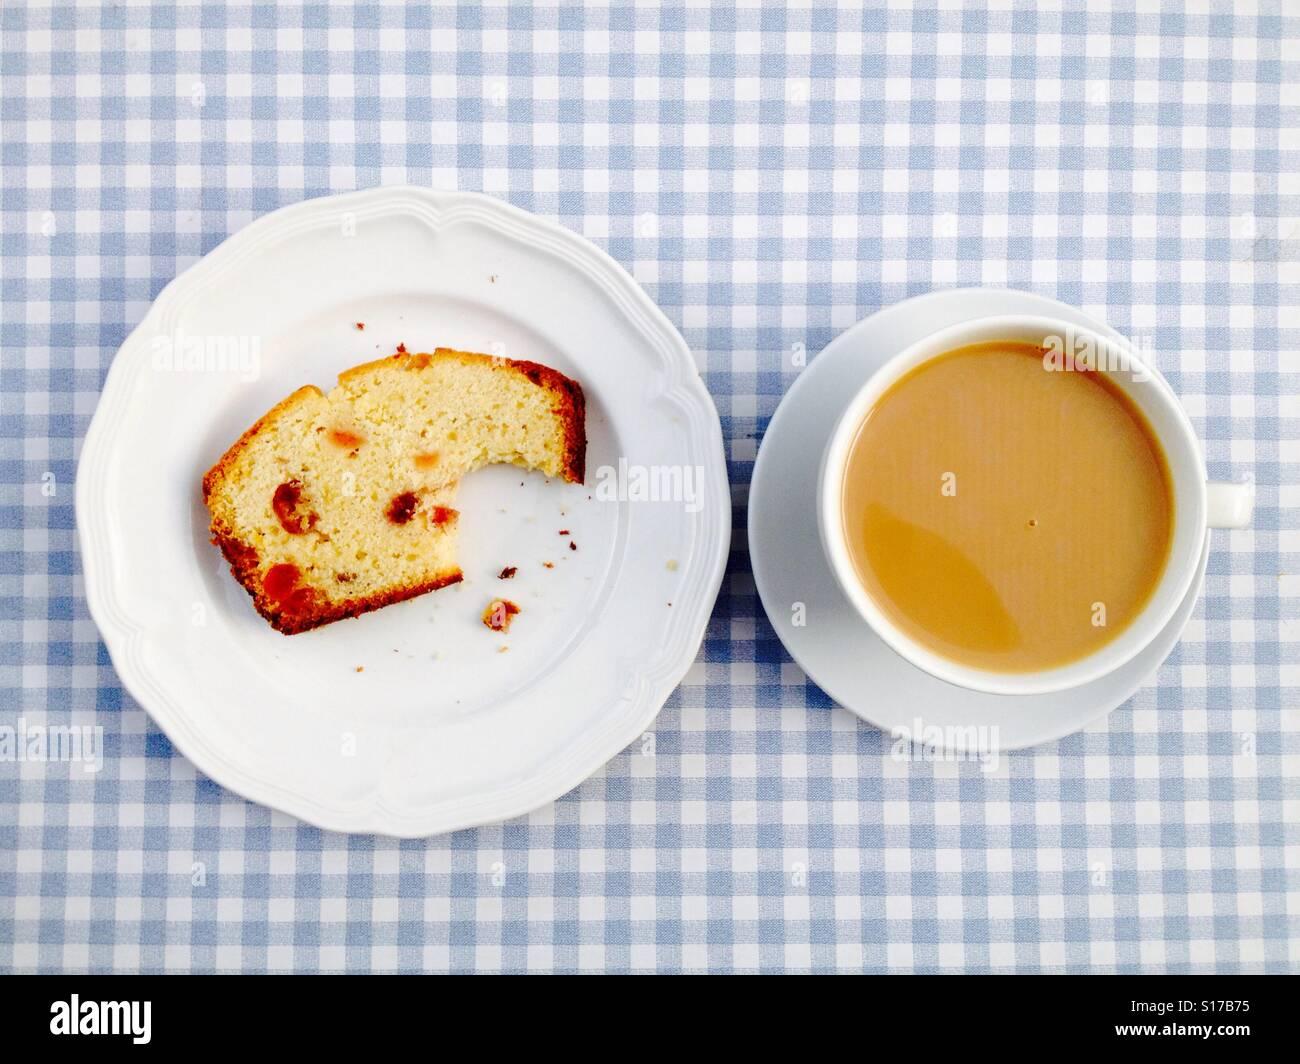 Kirsch Kuchen und eine Tasse Tee Stockbild